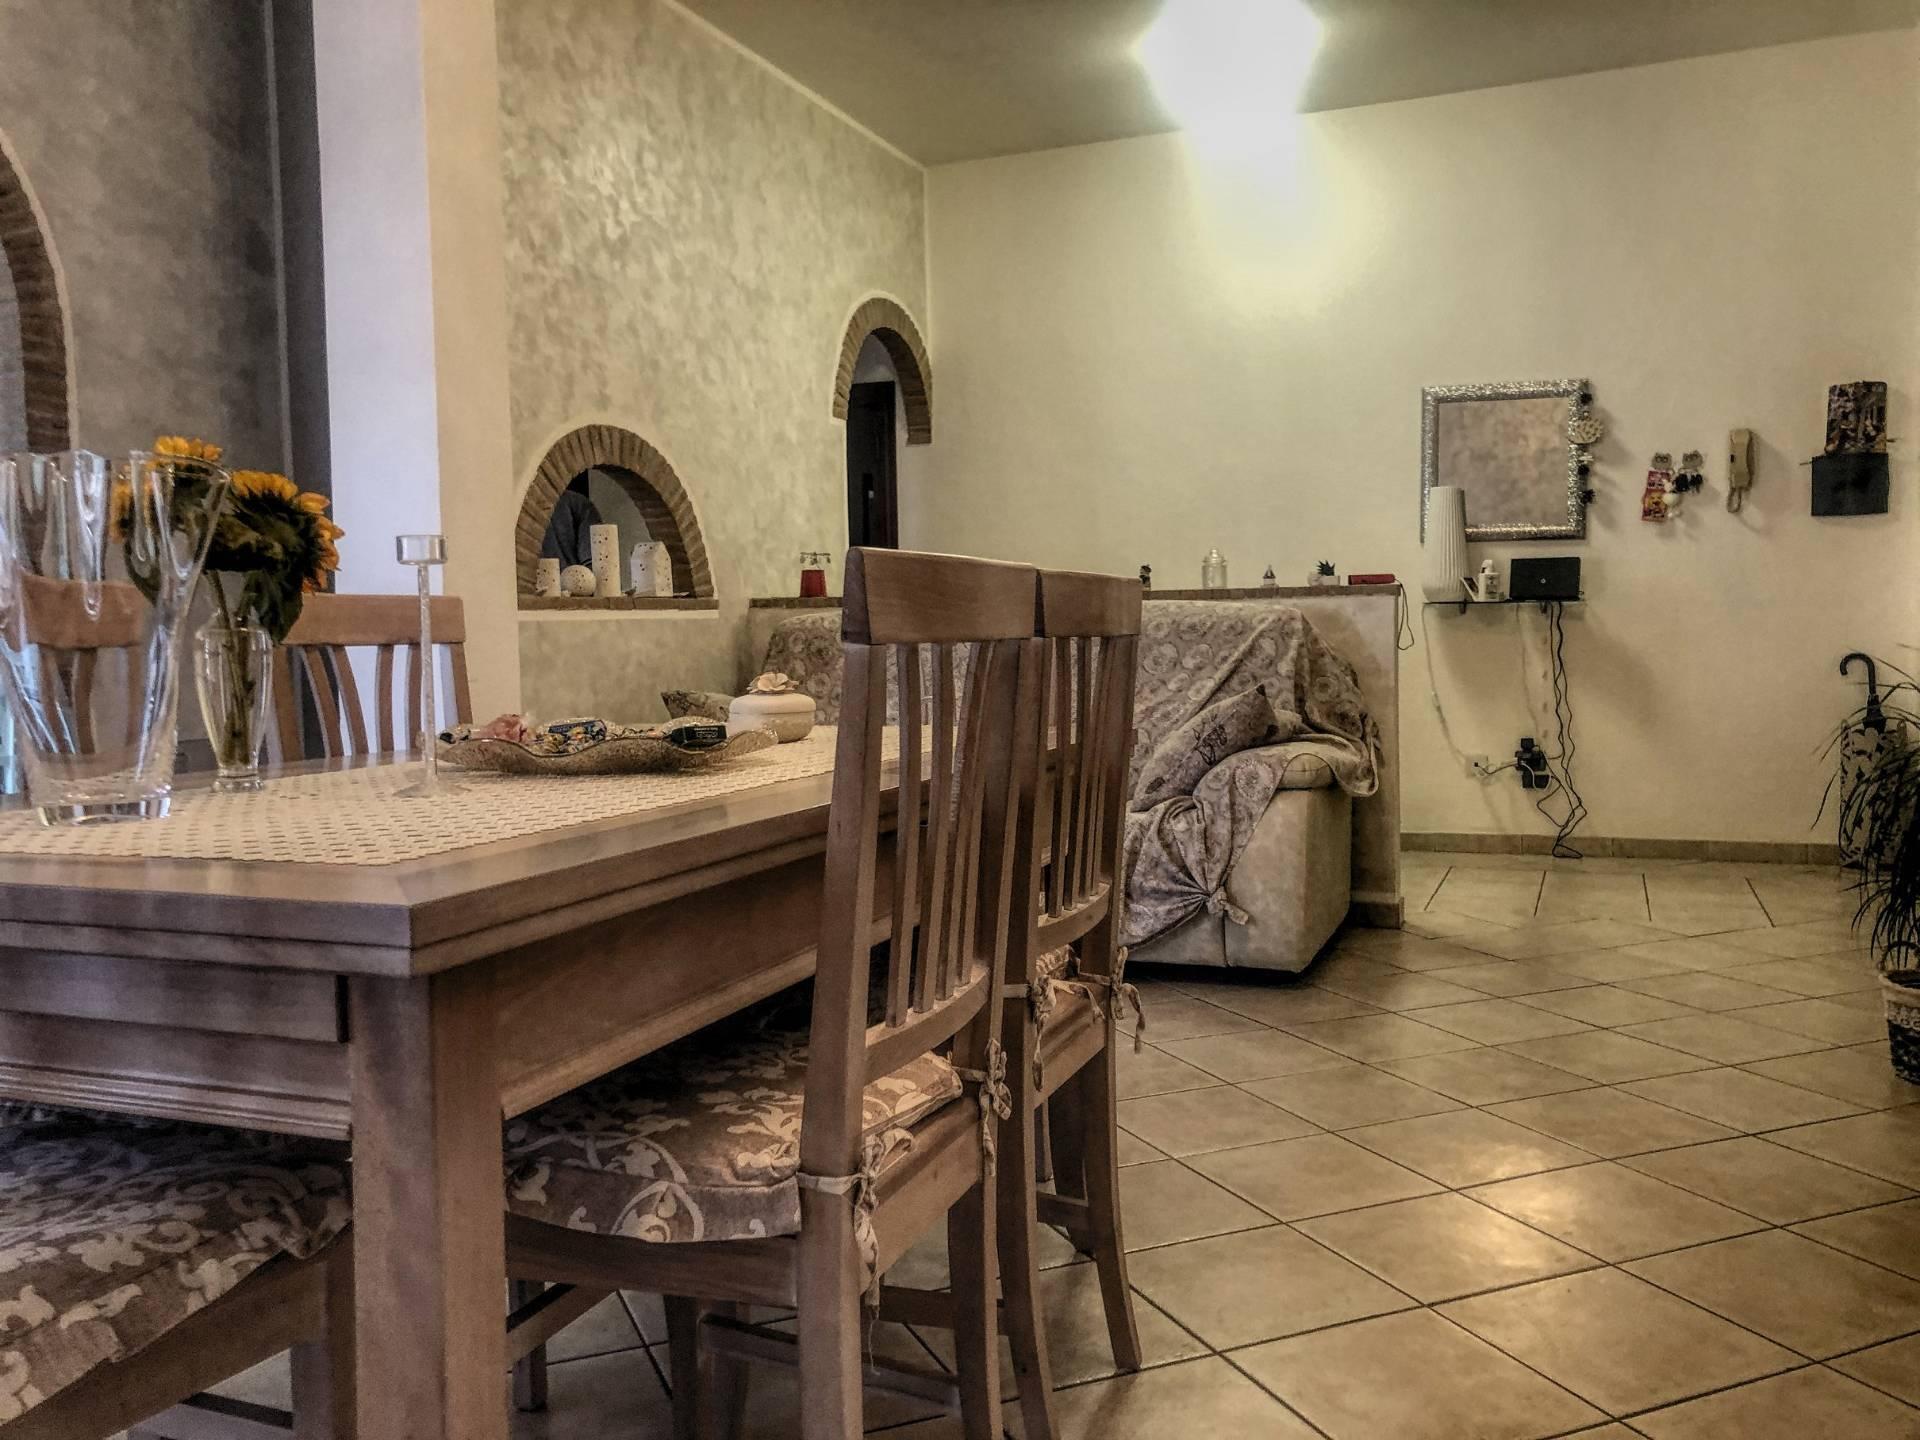 Appartamento in vendita a Arrone, 4 locali, zona Località: Arrone-Centro, prezzo € 89.000 | PortaleAgenzieImmobiliari.it